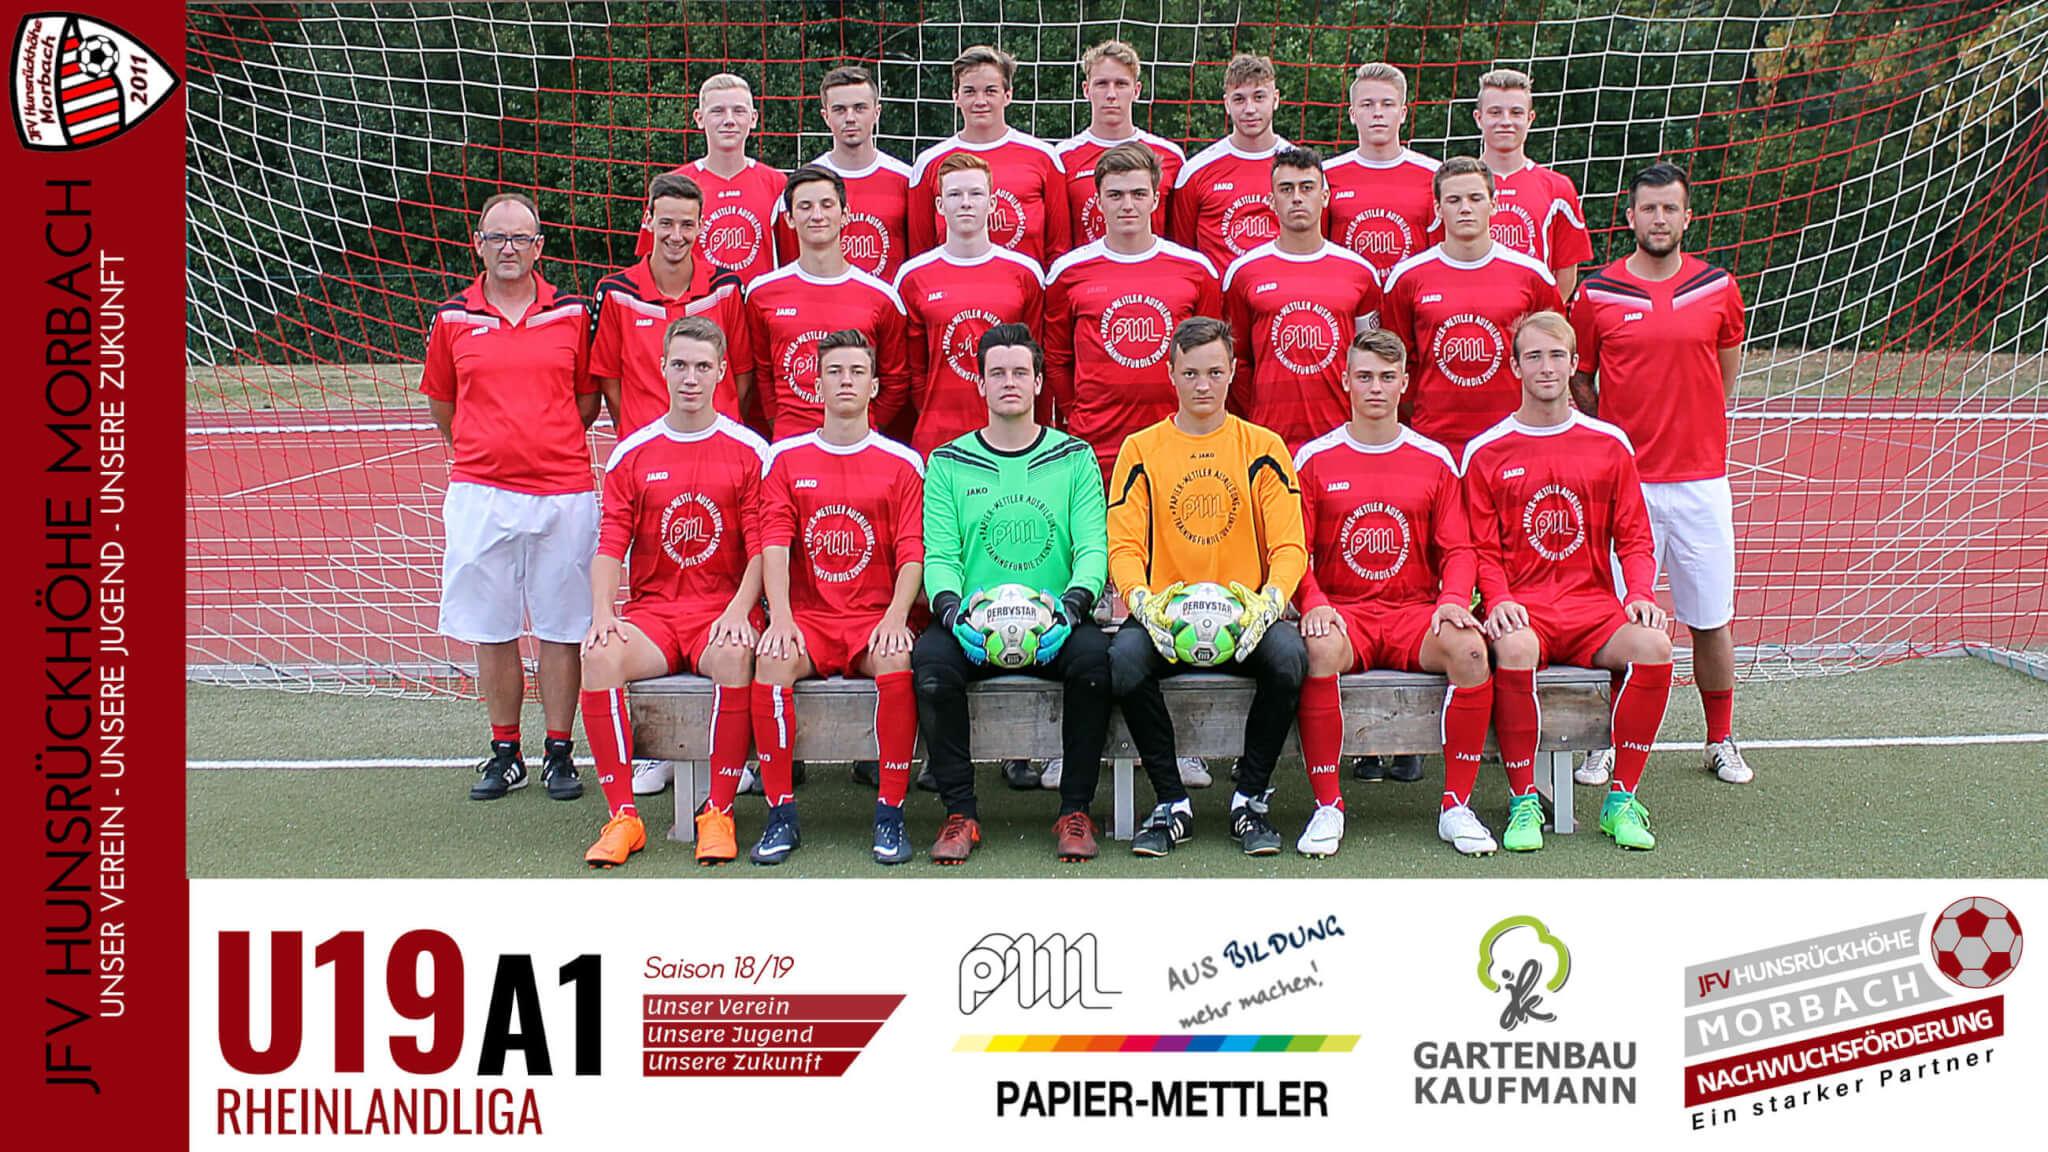 U19 A1: JFV Hunsrückhöhe Morbach – FSV Trier-Tarforst 1-1 (0-1)